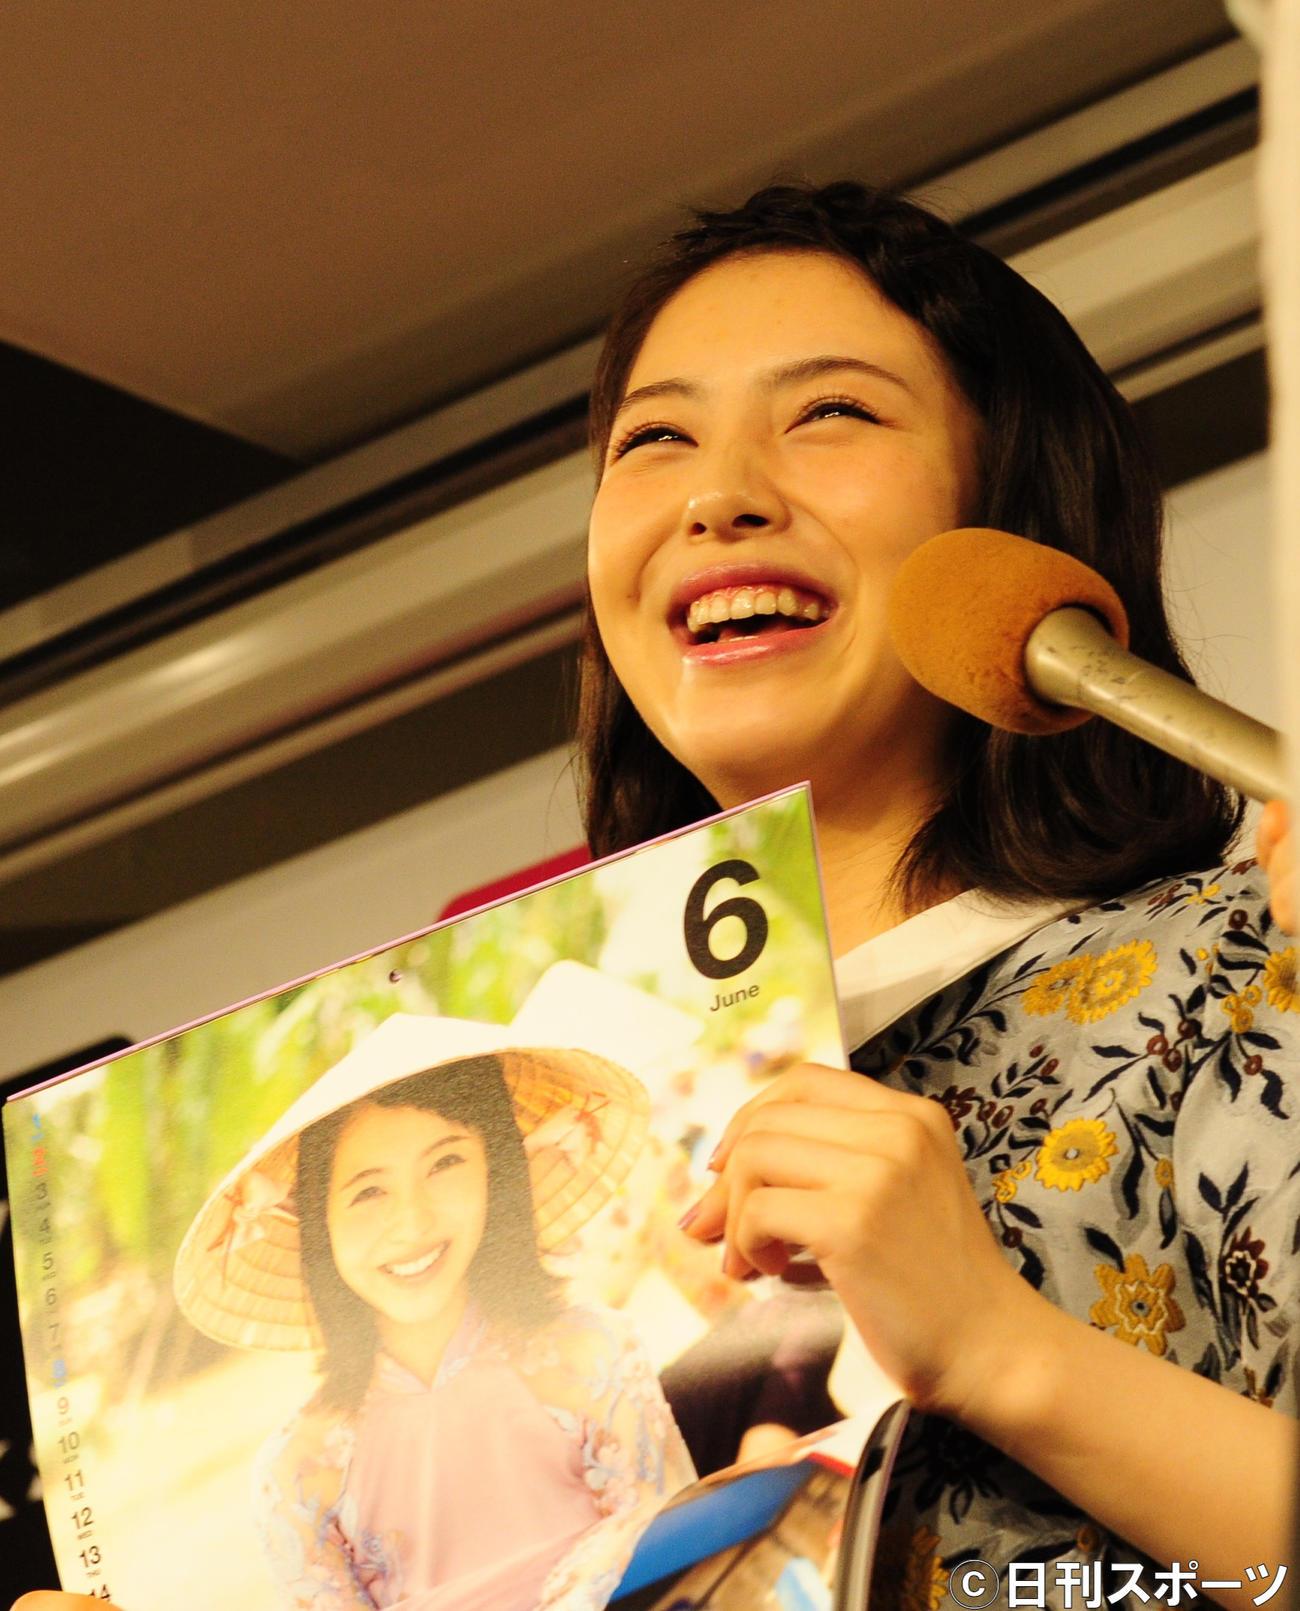 カレンダーブックの発売記念イベントを行った浜辺美波(2018年9月2日撮影)